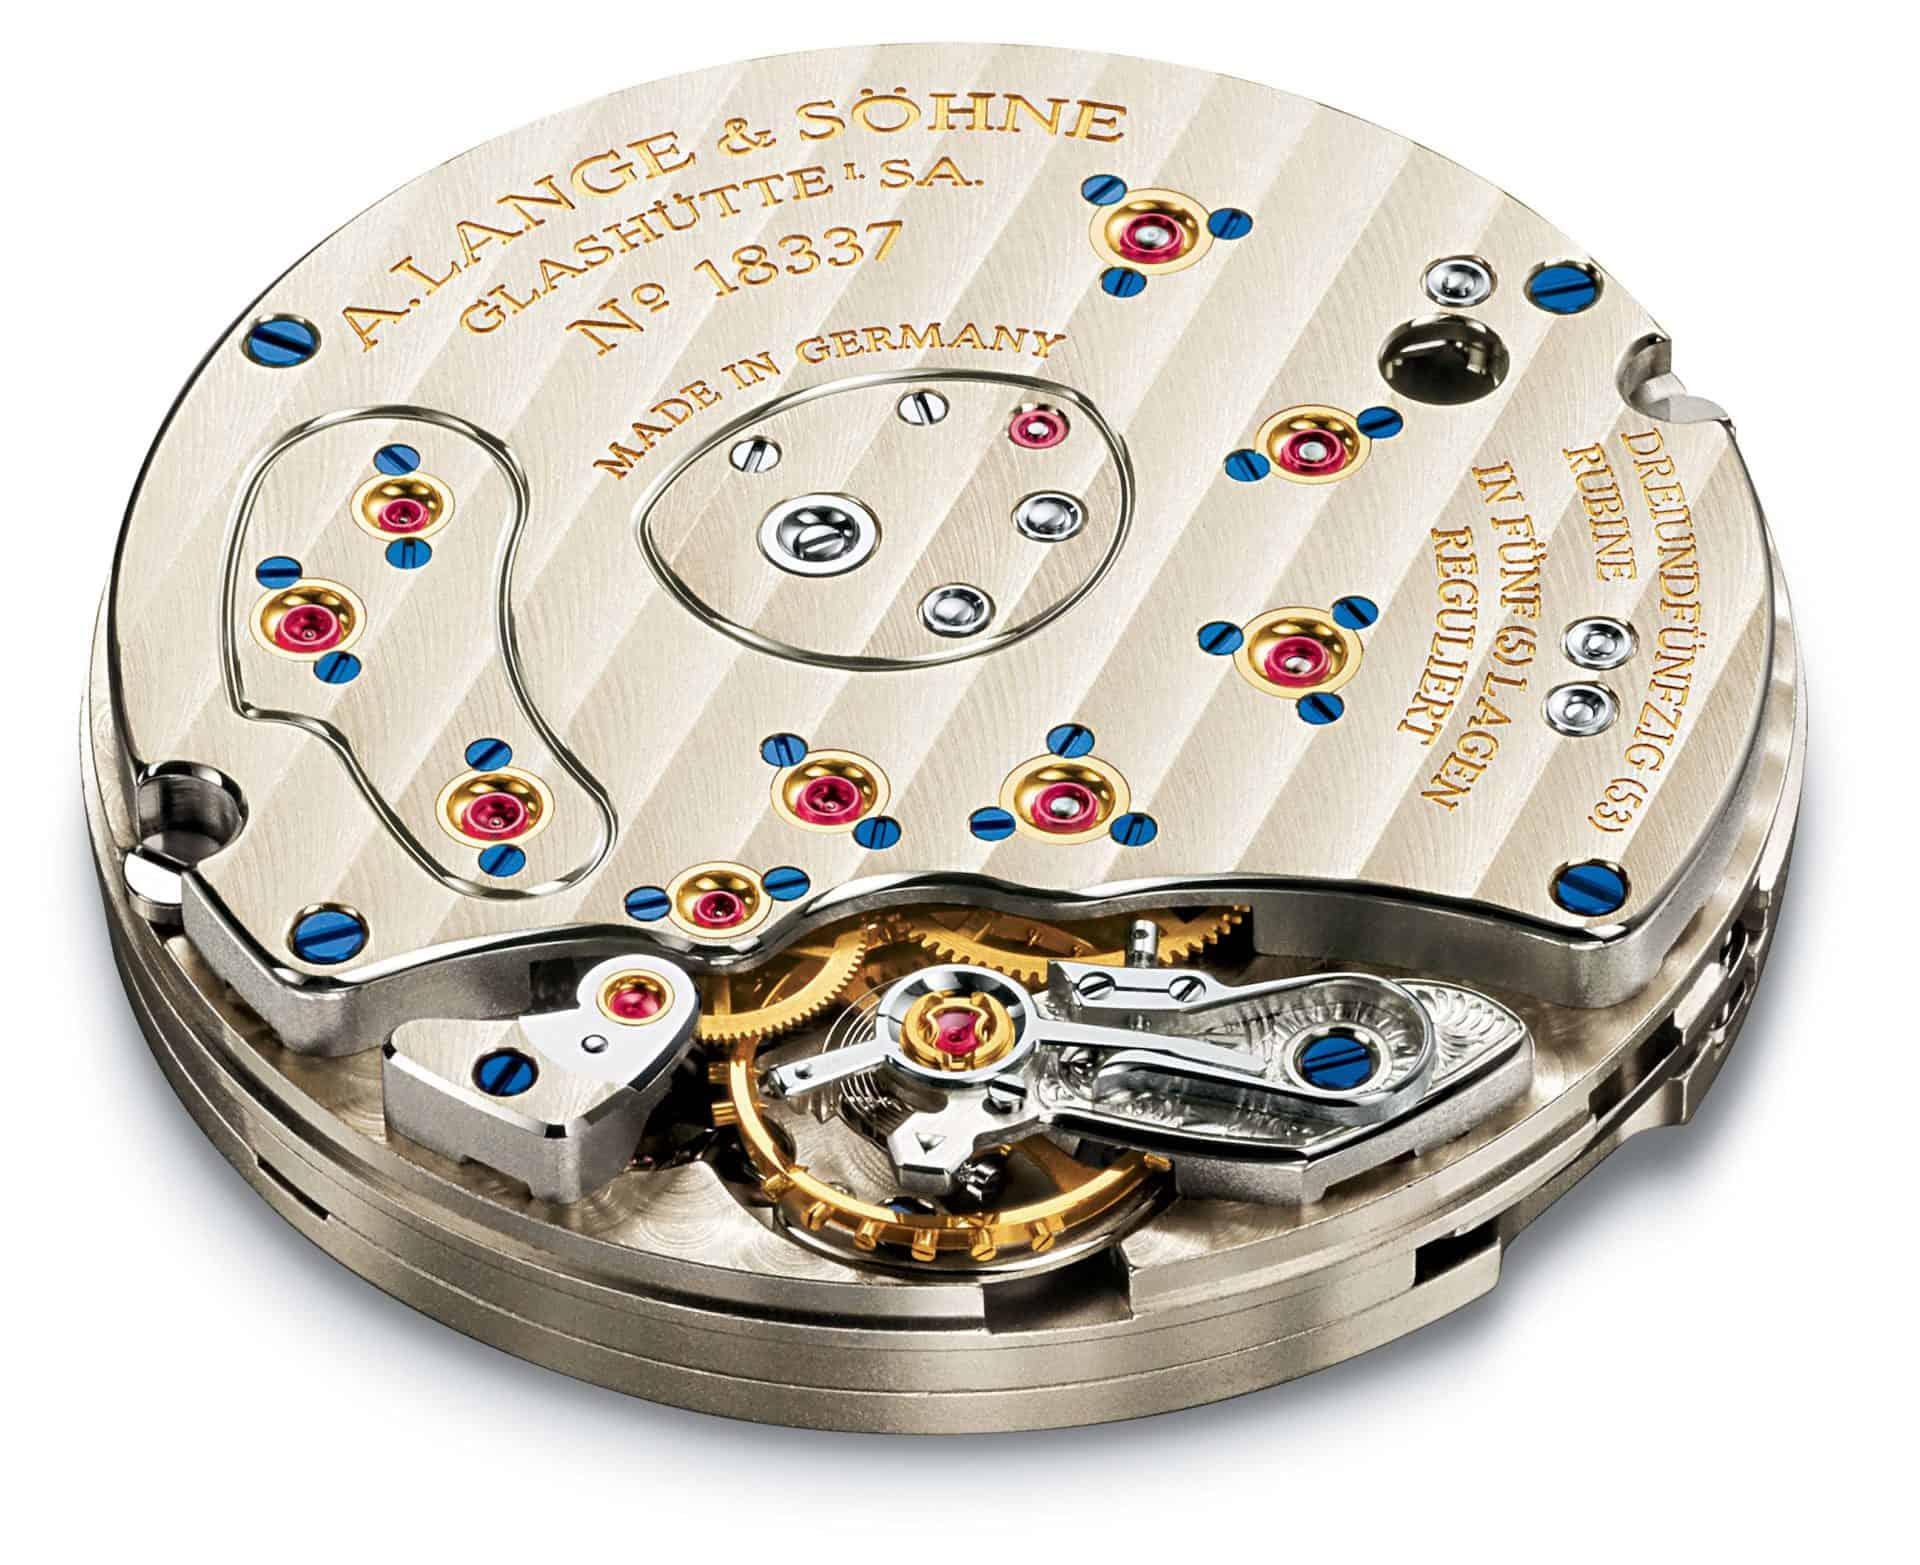 Feine Uhrmacherarbeit - das A. Lange & Söhne Handaufzugskaliber L901.0 in der Lange 1 Armbanduhr